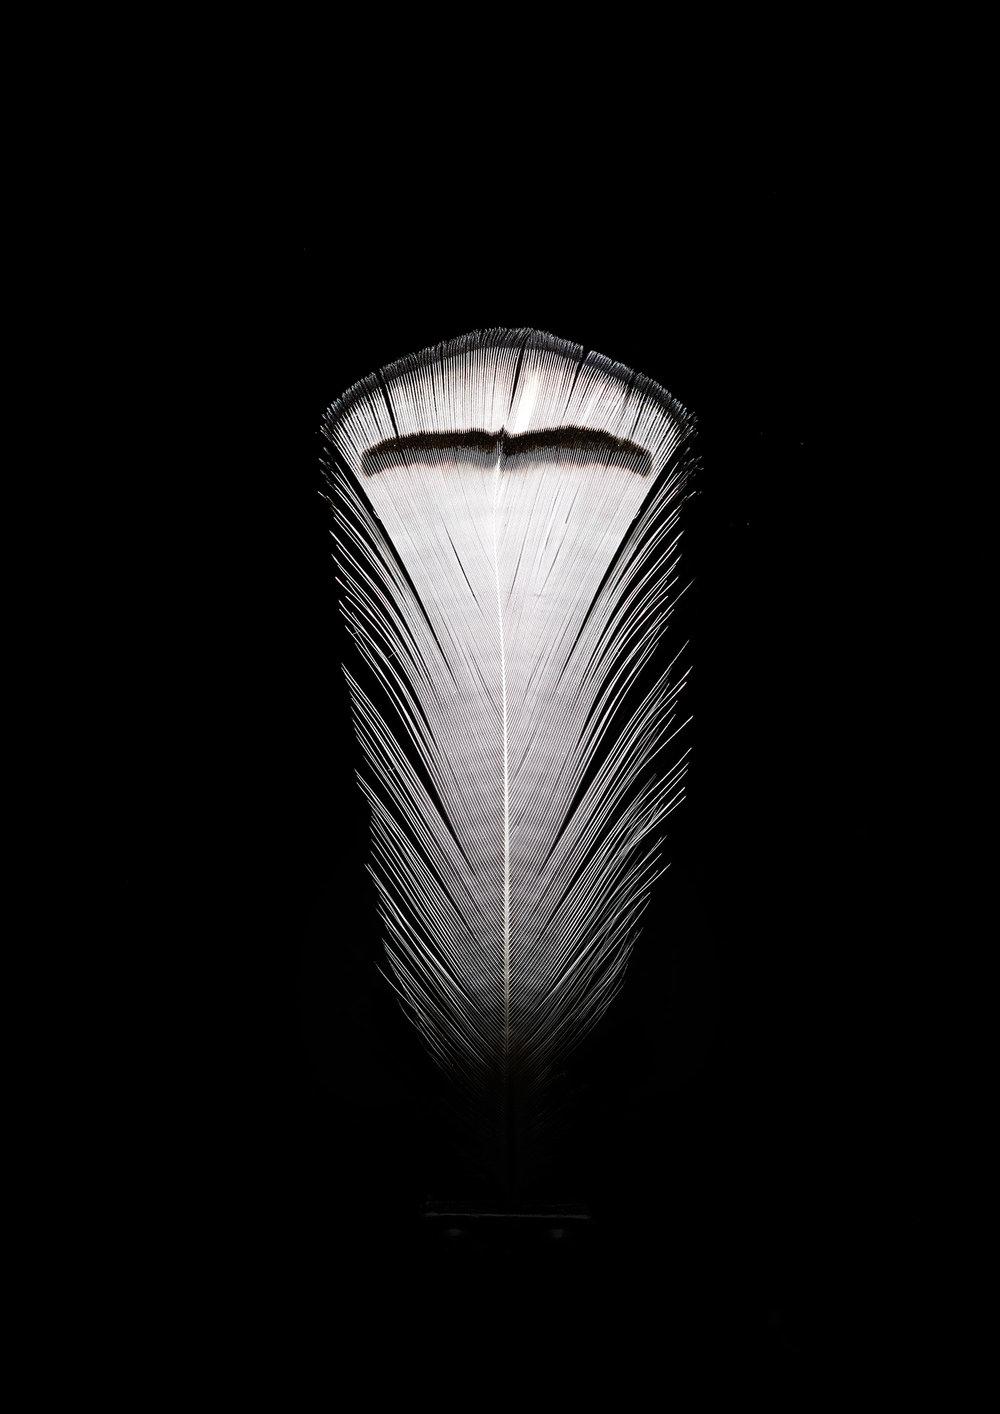 2. white feather.jpg